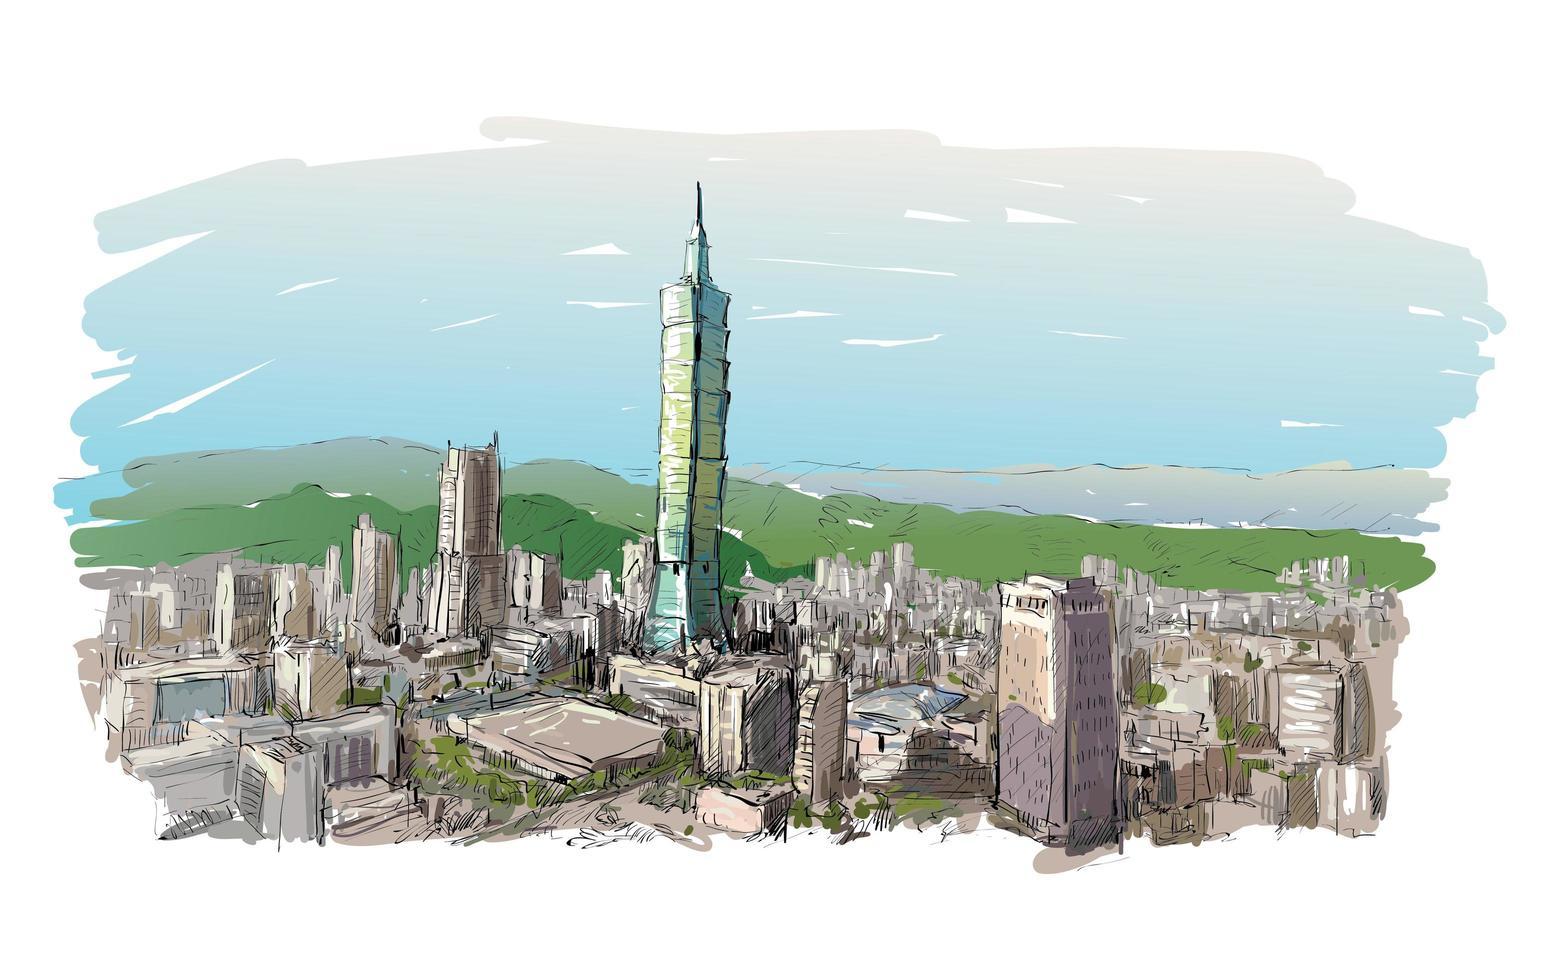 schizzo a colori del paesaggio urbano di taiwan con grattacieli vettore